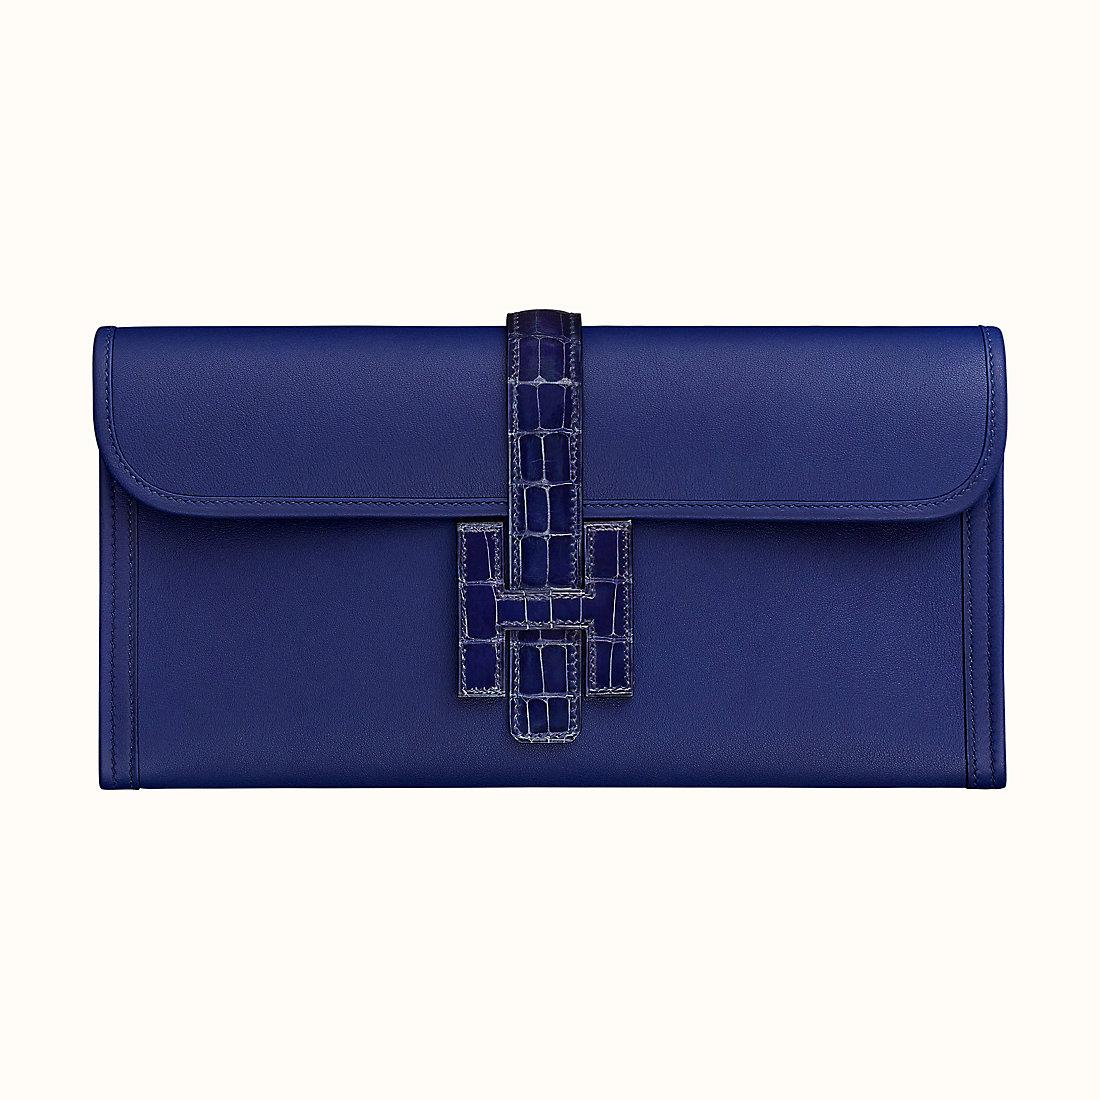 Hermes Jige Elan 29 touch clutch Bleu Encre Swift calfskin